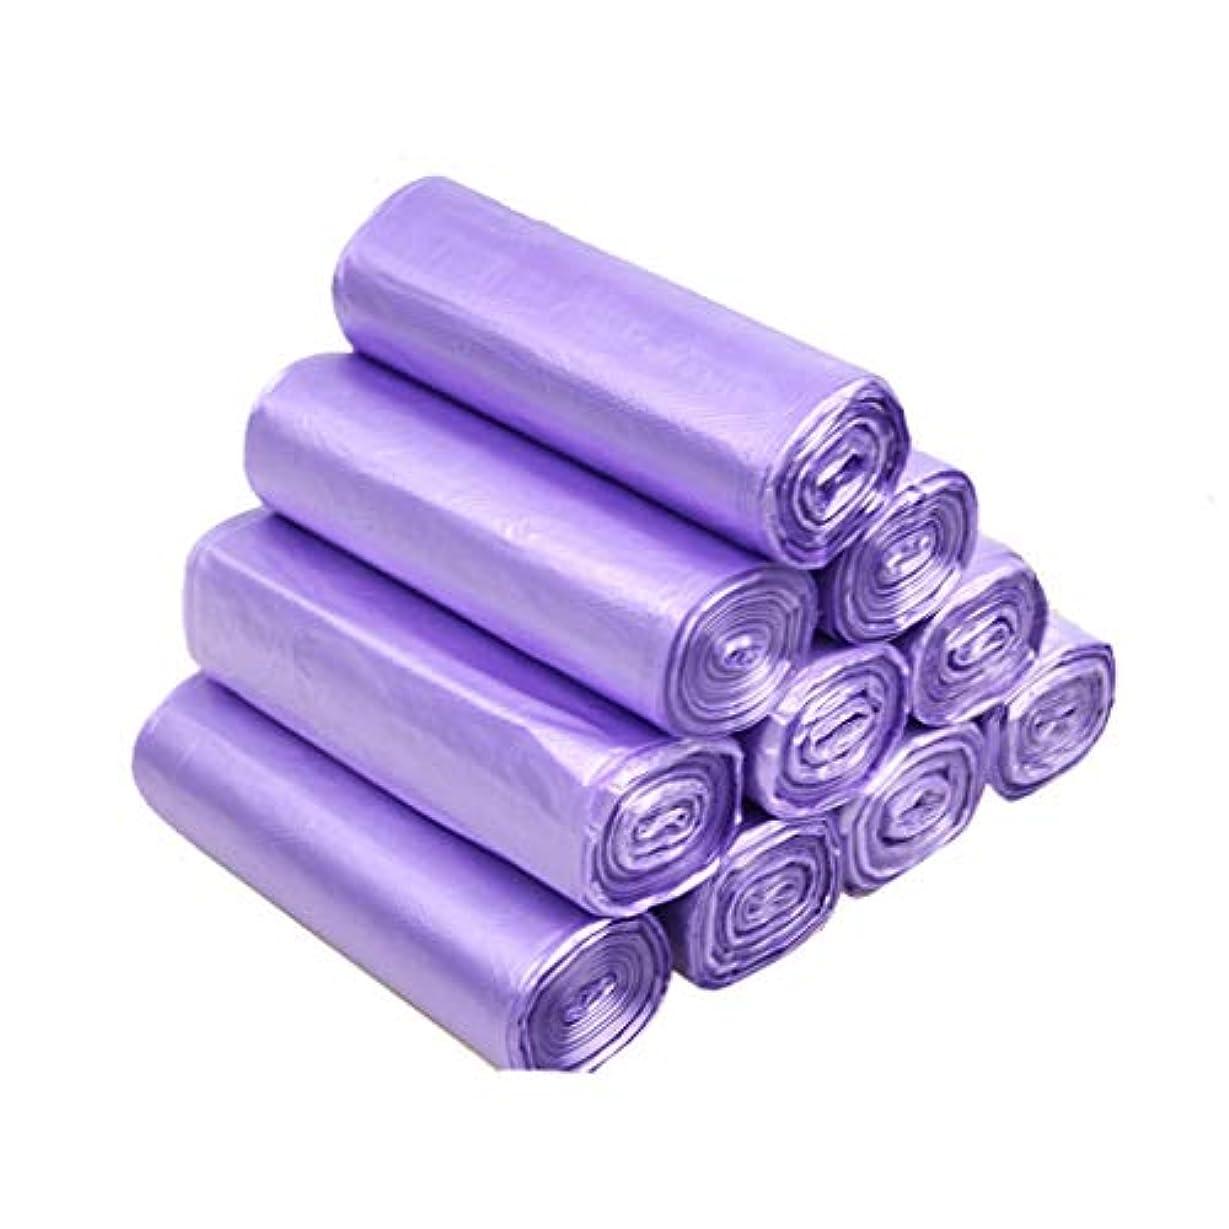 負担確認命題家庭用ゴミ袋ペダル袋小箱ヘビーデューティ長方形箱なしゴミ袋クロージングゴミ袋ゴミ箱ゴミ袋PE食品ゴミ袋ゴミ袋(サイズ:45×50cm) (サイズ さいず : 10 rolls of incense 200 bags)